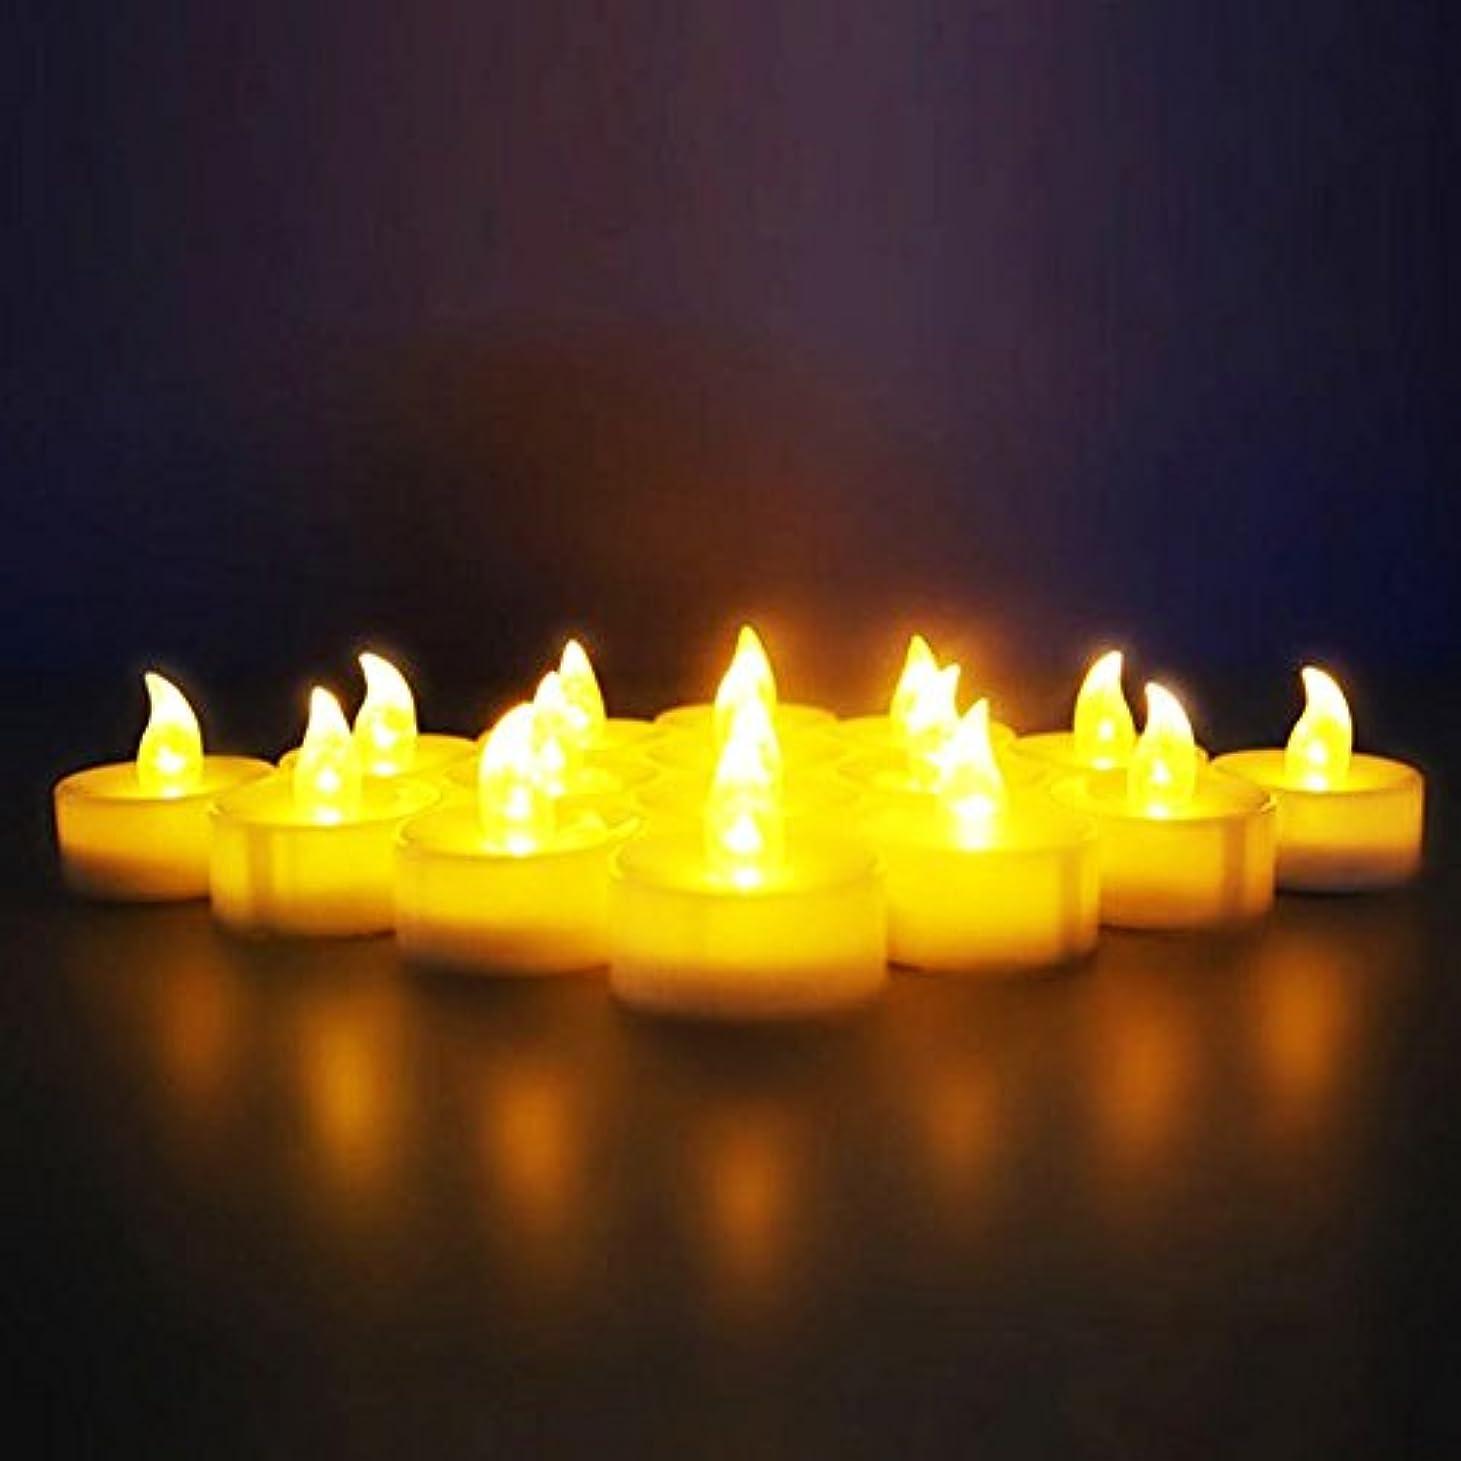 谷不運交渉する(12 Pack) - Novelty Place [Longest Lasting] Battery Operated Flickering Flameless LED Tea Light Candles (Pack of 12)